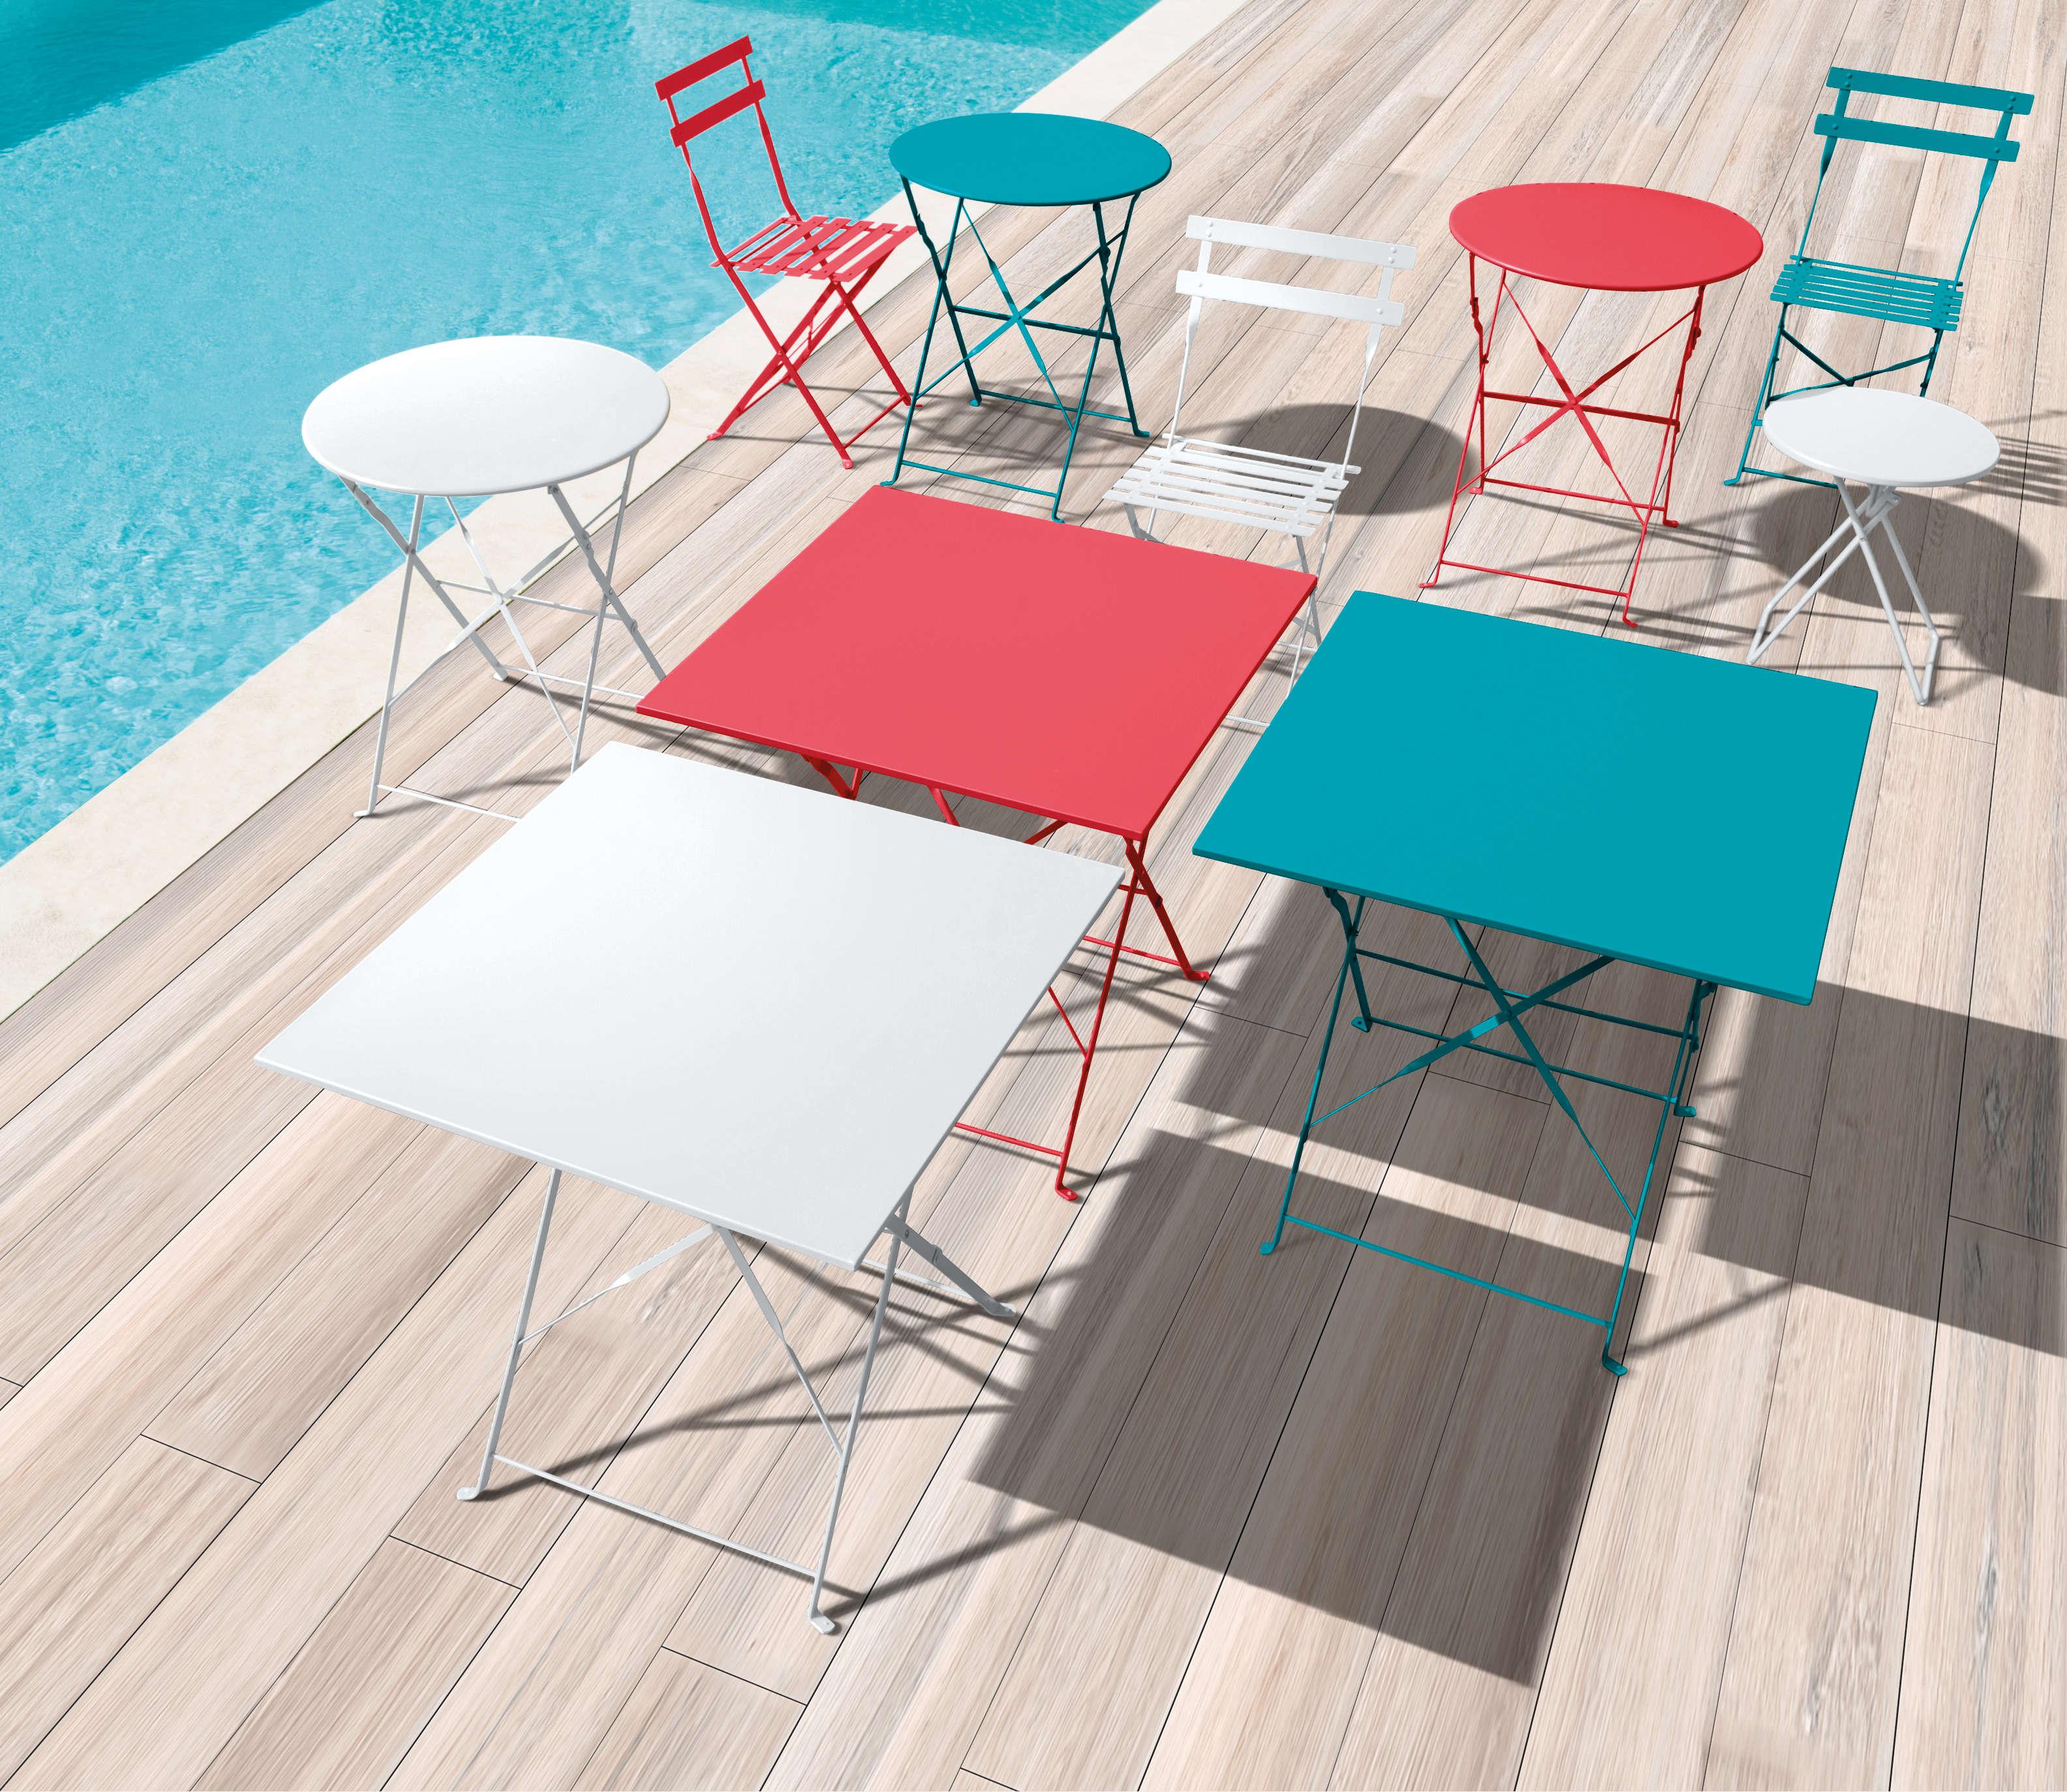 Conseils - Blog La Foir'Fouille - Aménager une terrasse colorée